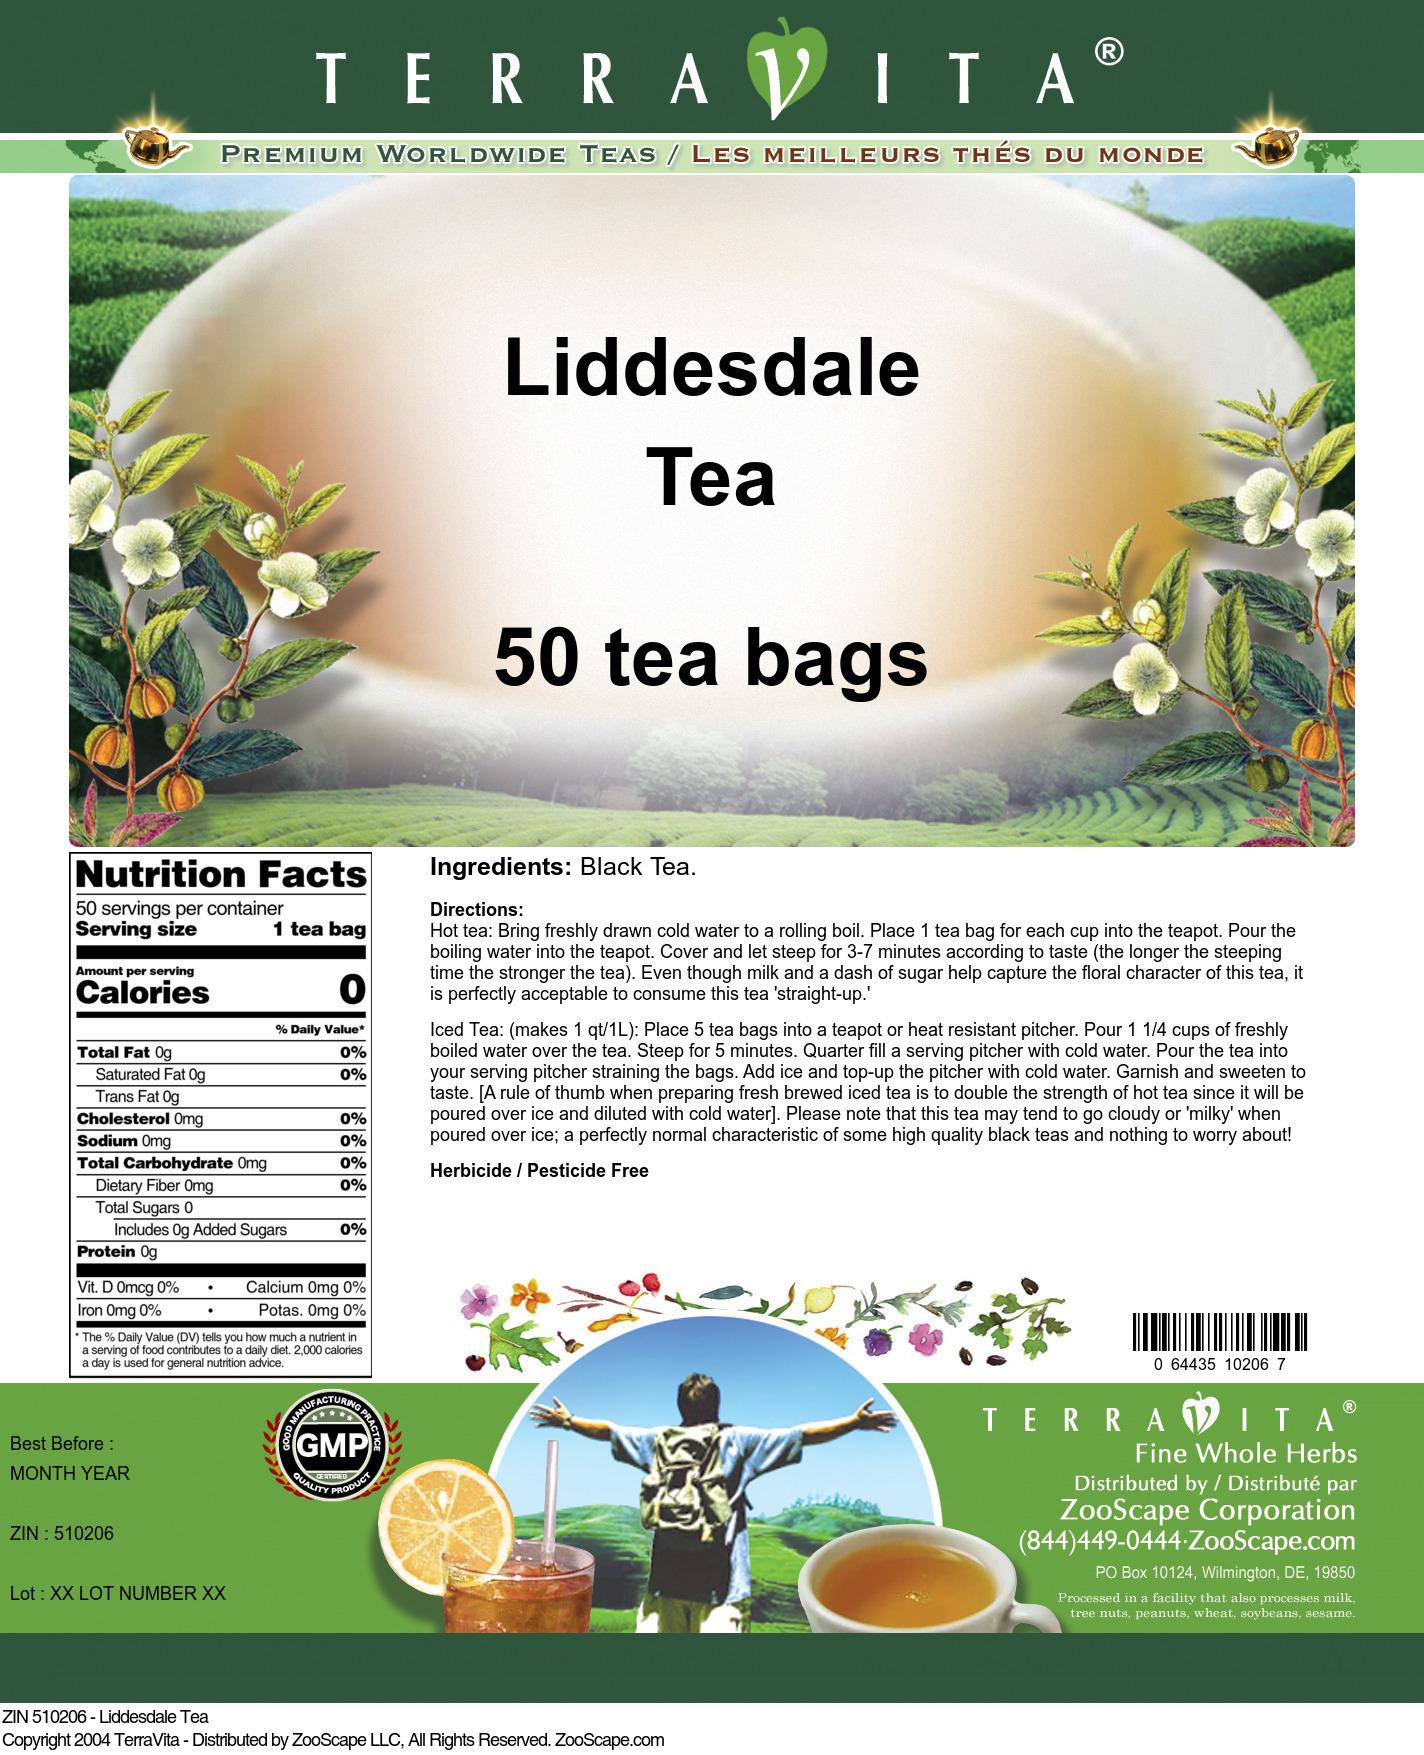 Liddesdale Tea